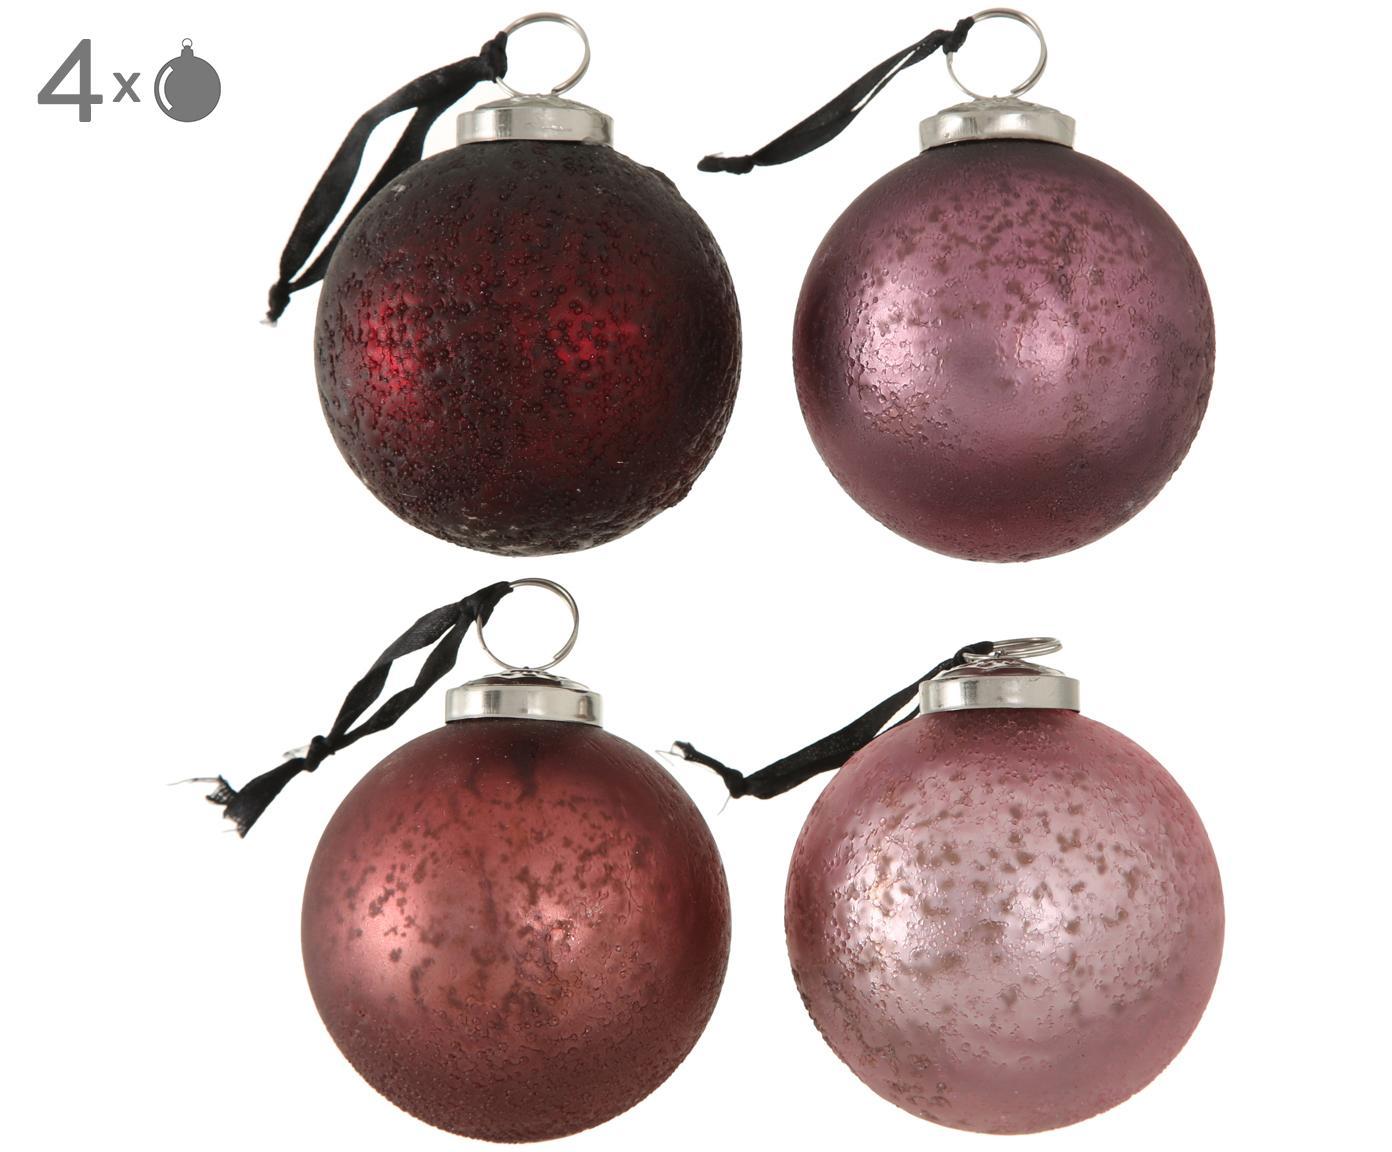 Kerstballenset Amelia, 4-delig, Rozetinten, rood, Ø 8 cm